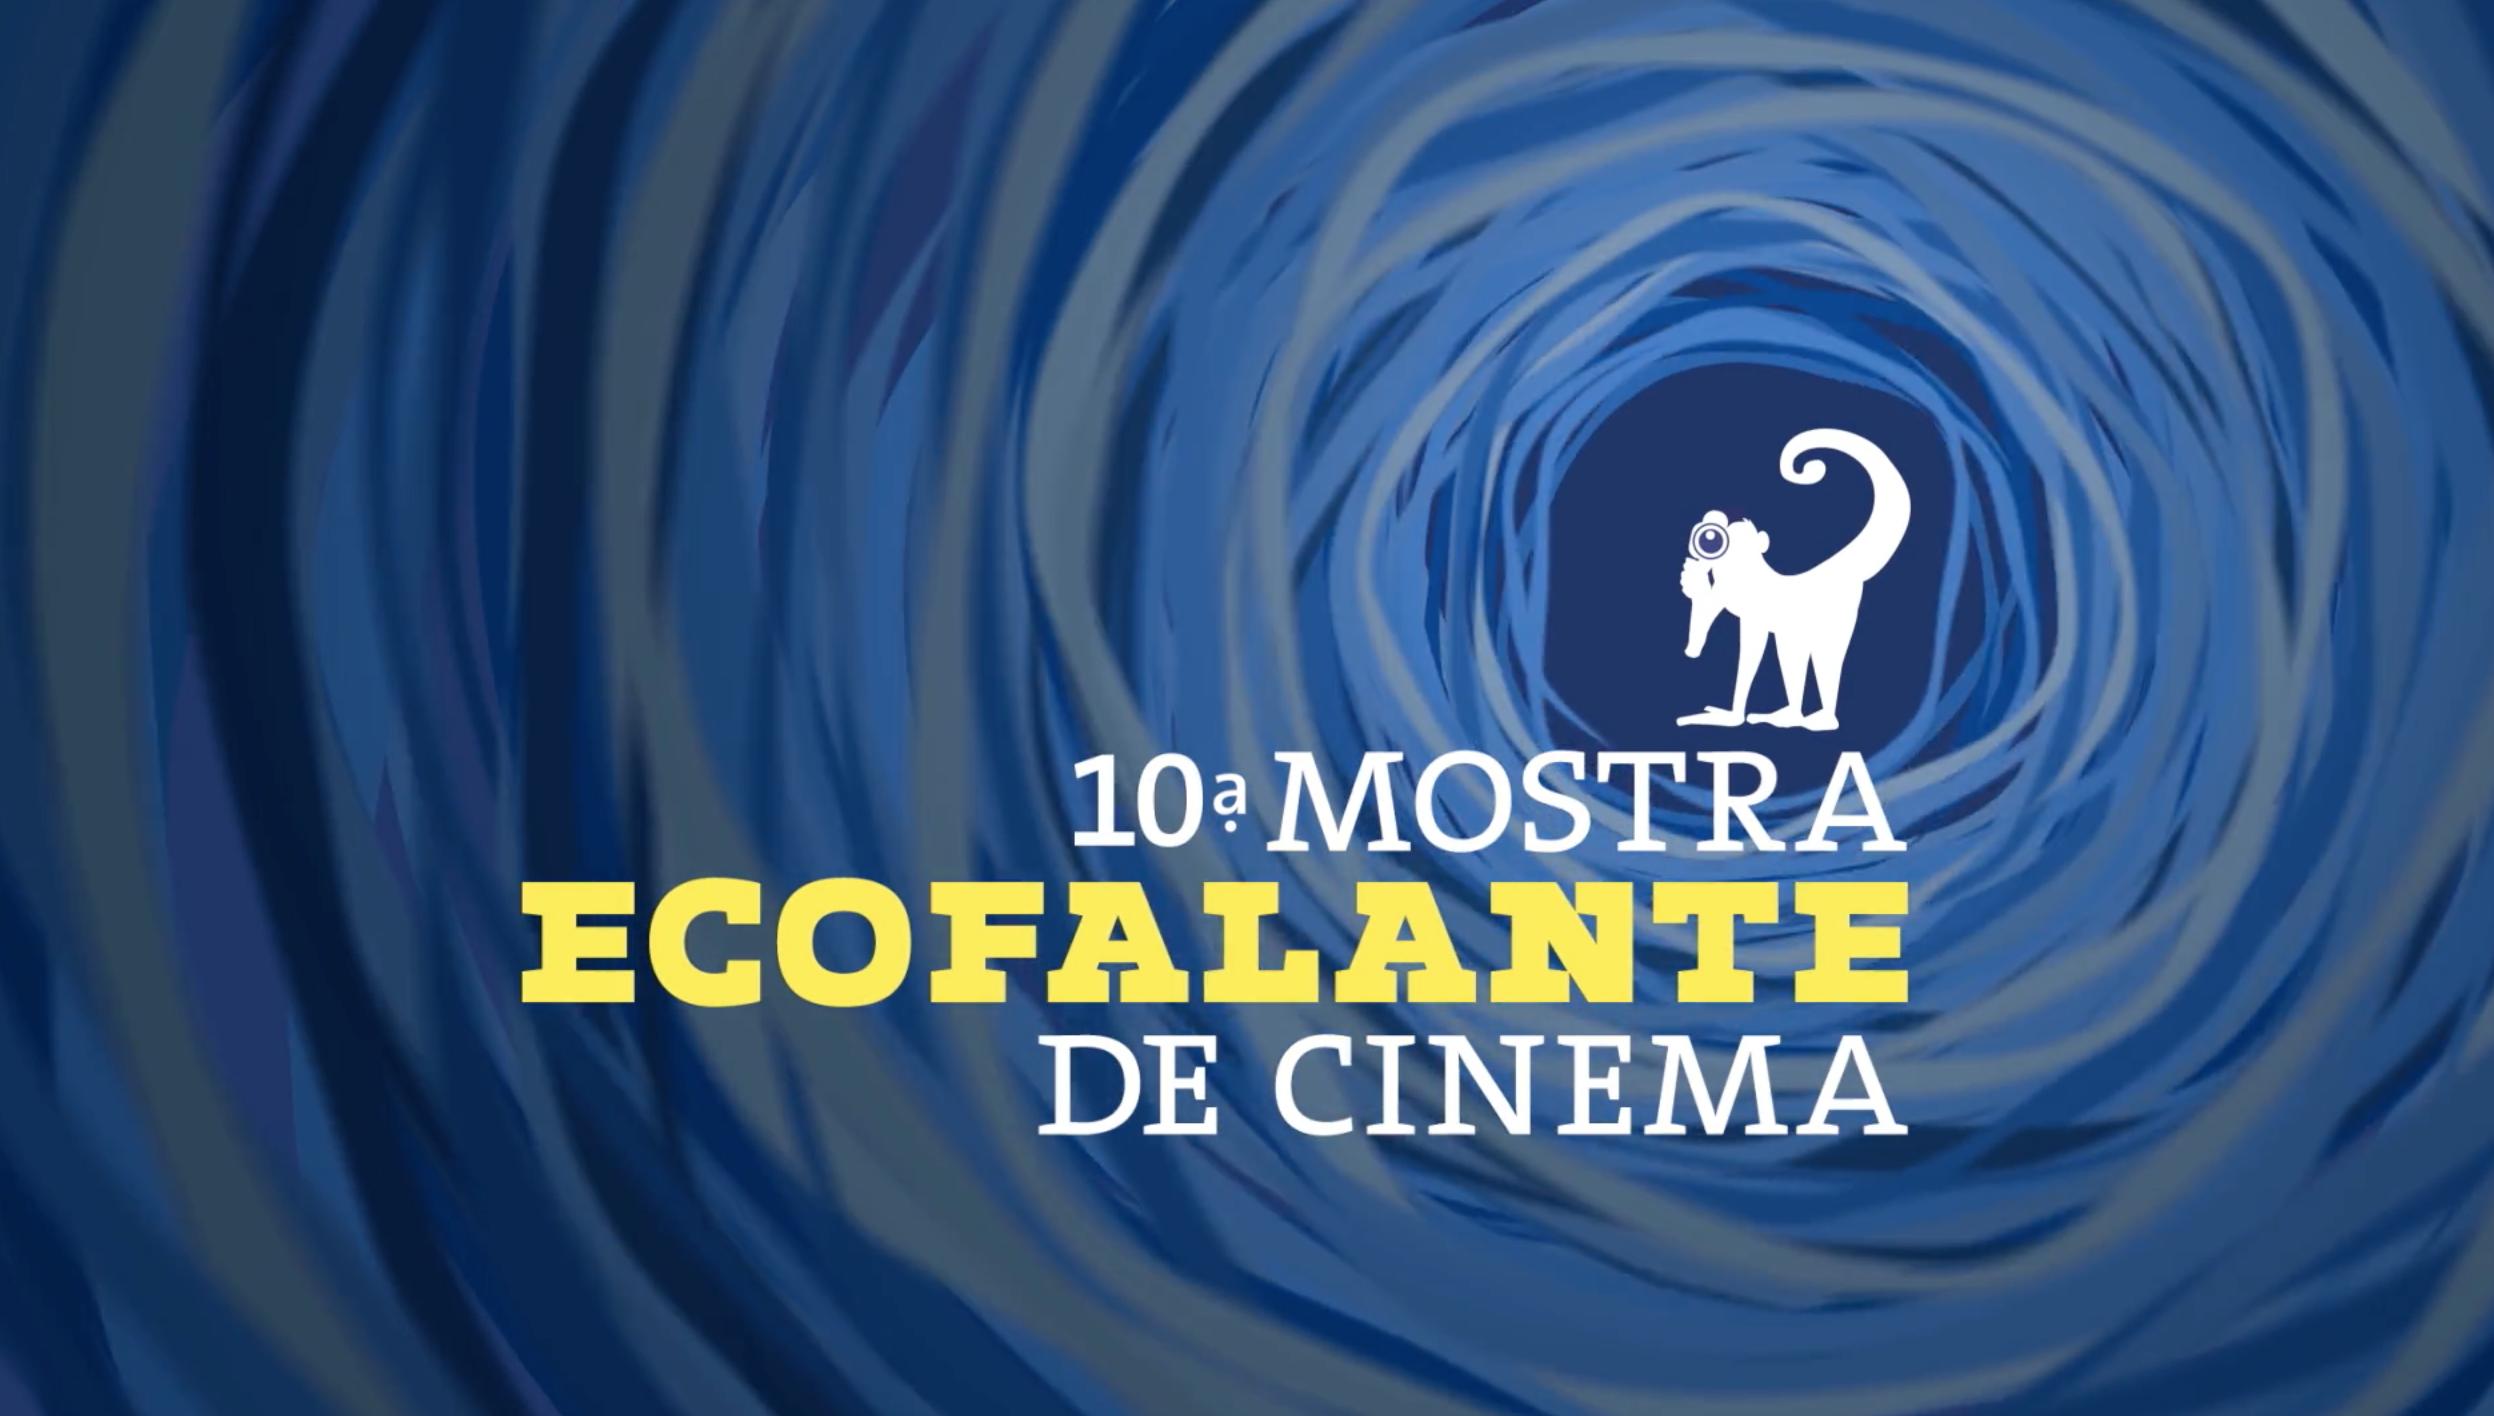 Vinheta Mostra Ecofalante de Cinema 1  - Mono Animation